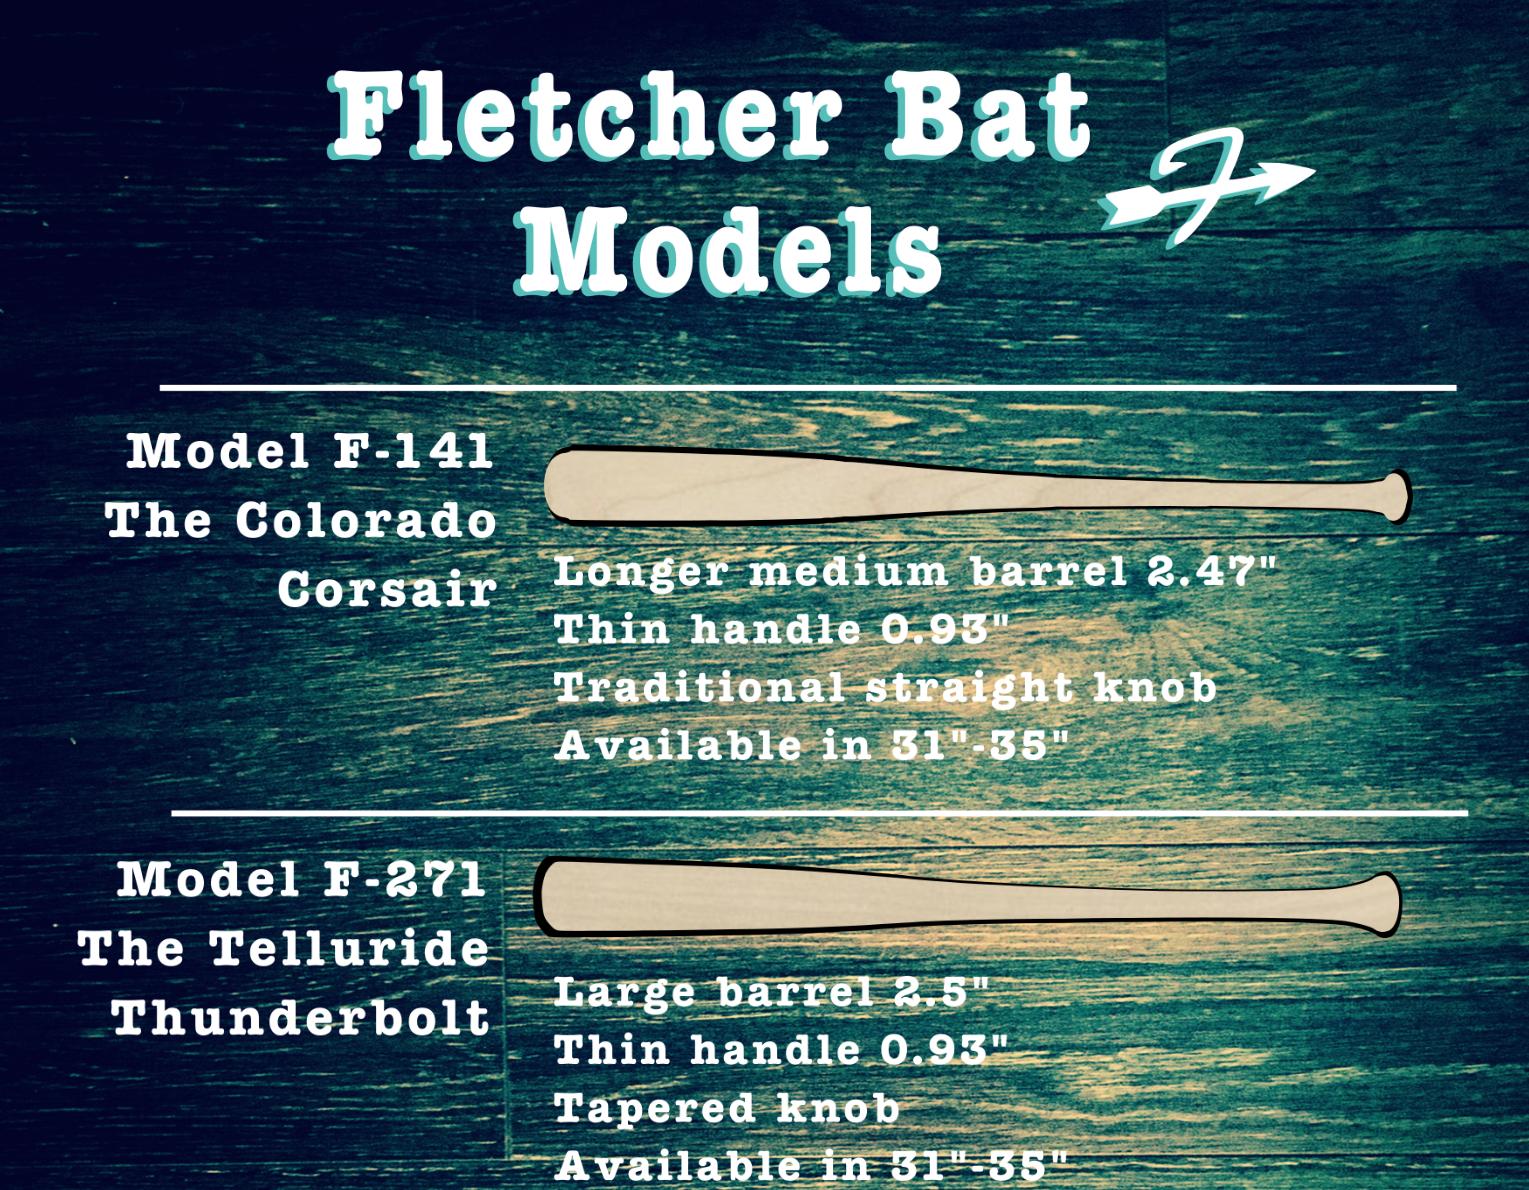 fletcher bat models